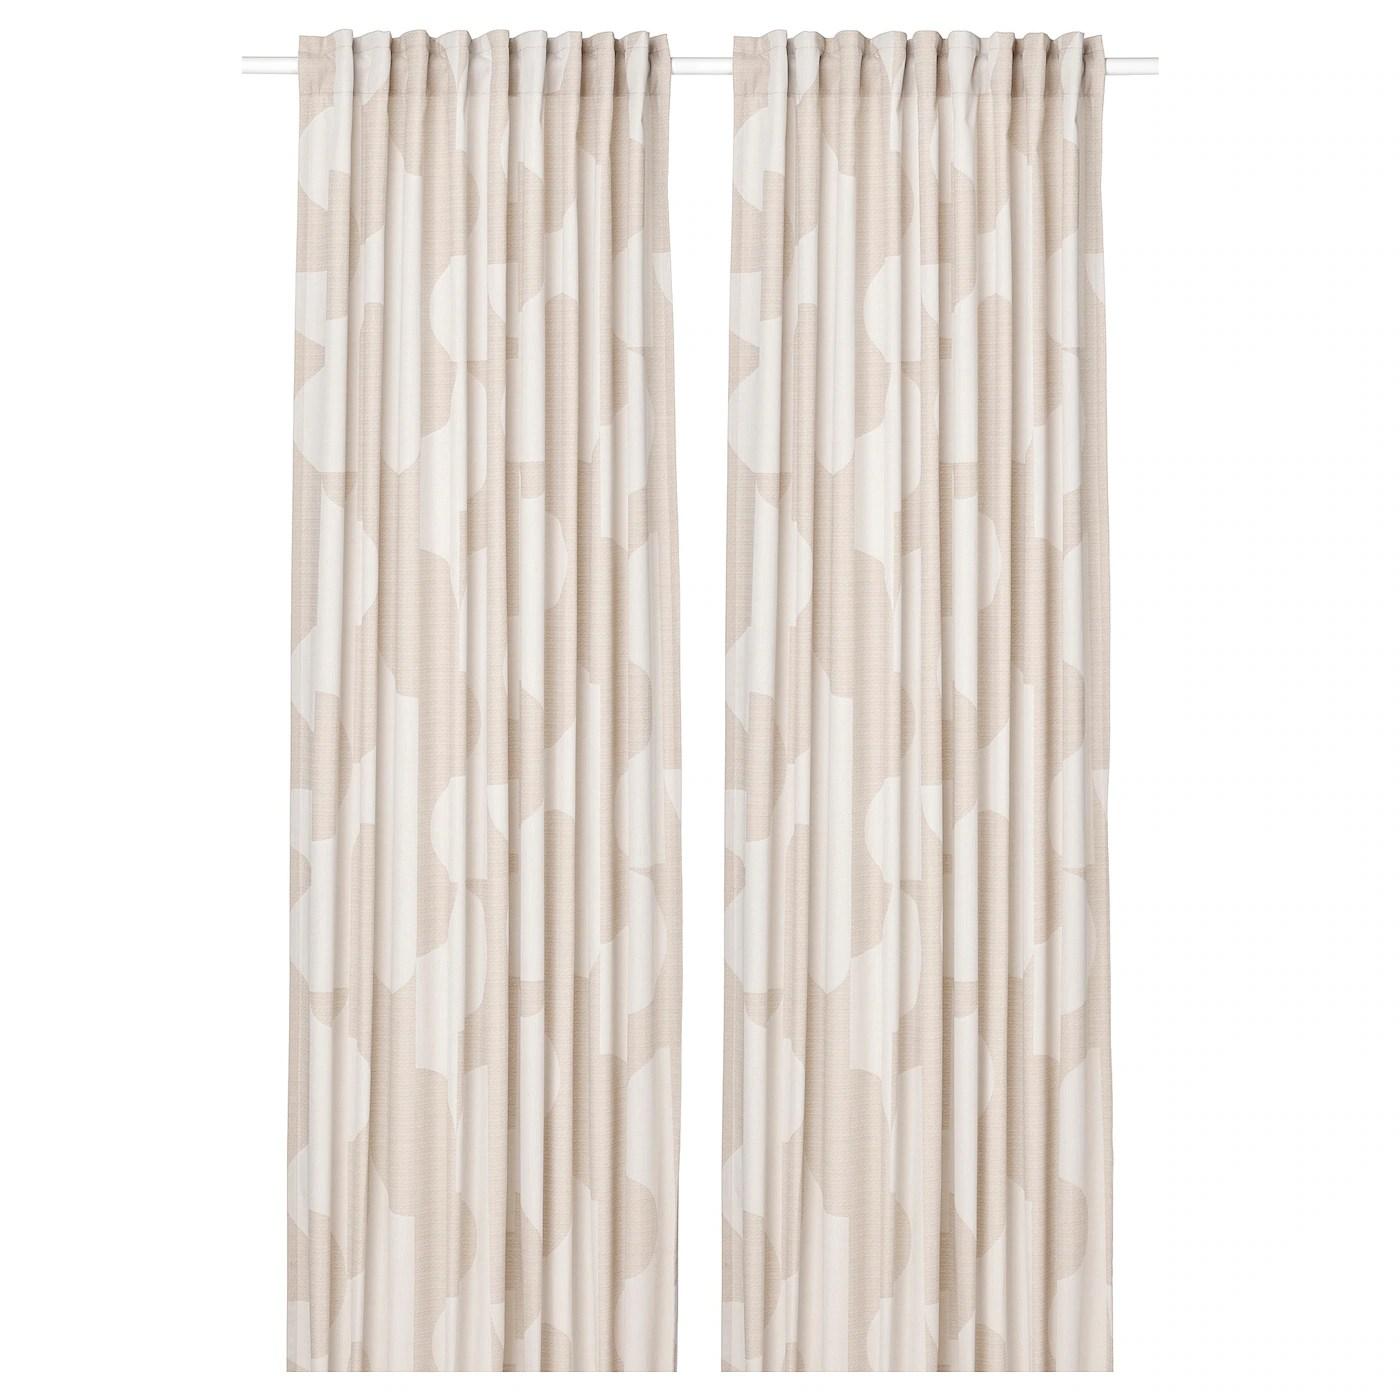 Le tende arricciate si possono creare in vari modi e si prestano a qualsiasi stile e a qualsiasi ambiente, a seconda dell'effetto che vogliamo ottenere. Tende Per Interni Ikea It